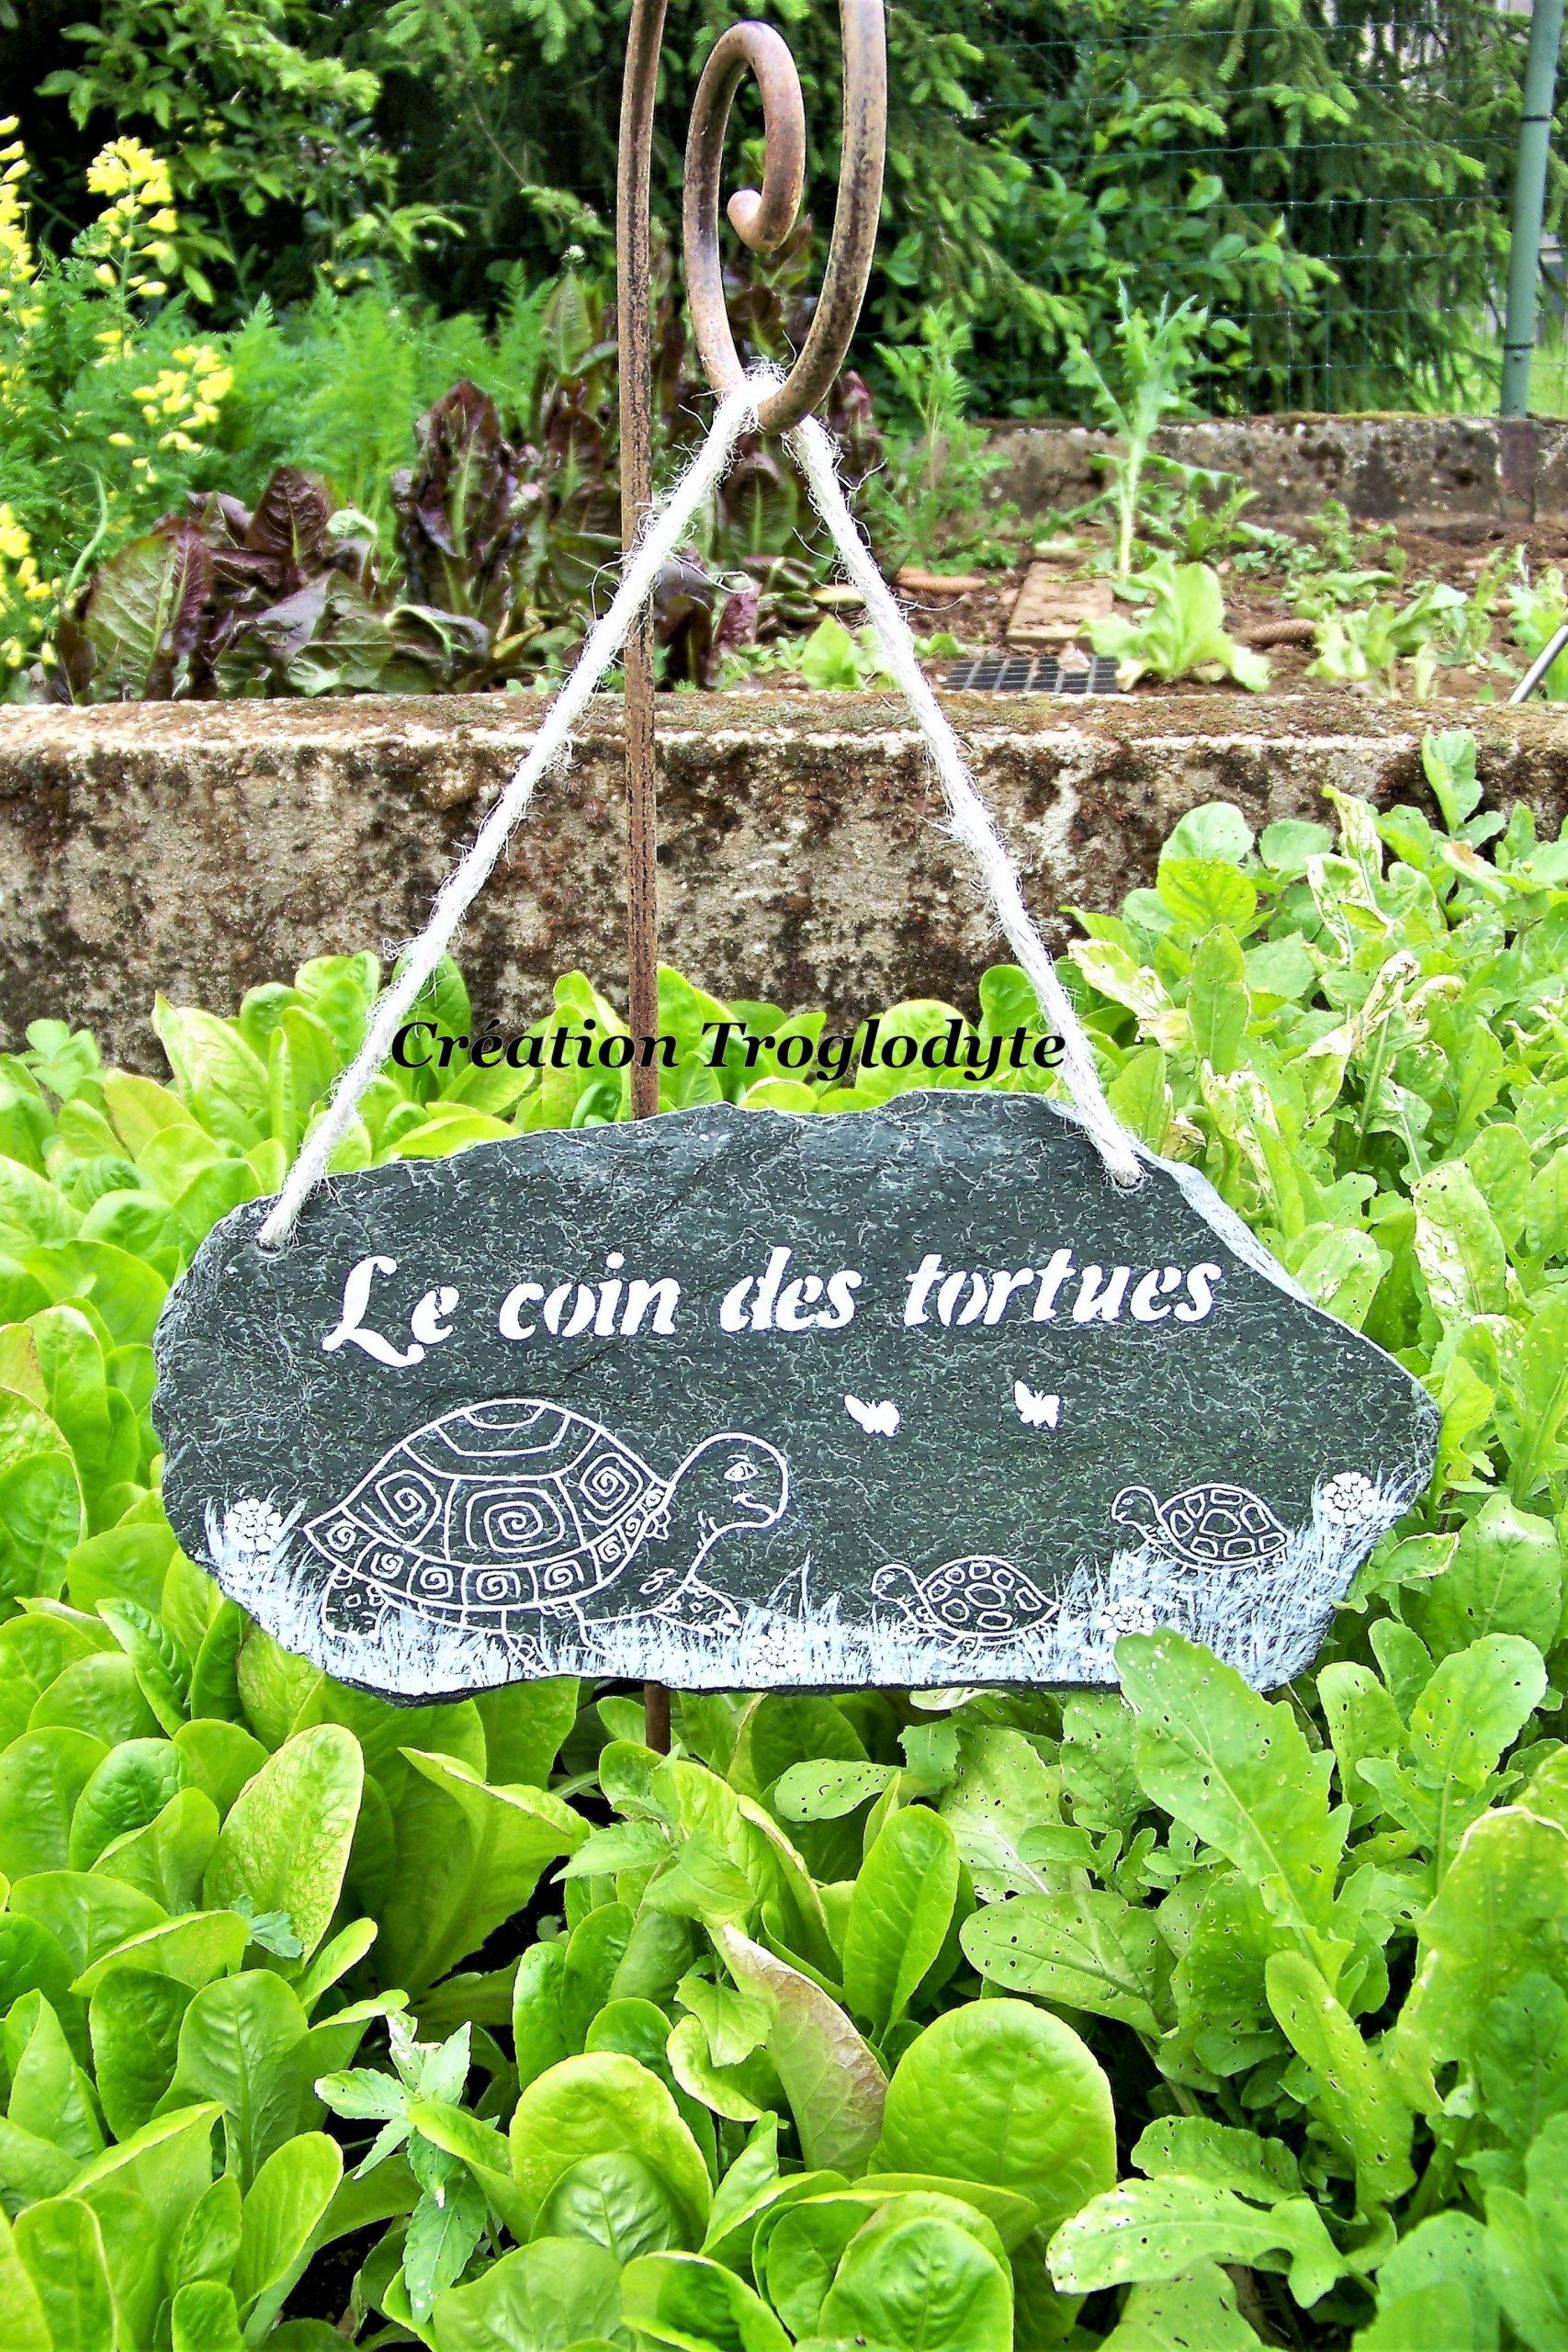 Épinglé Par Marsiette Sur Jardinage | Étiquette Jardin ... intérieur Etiquette Jardin